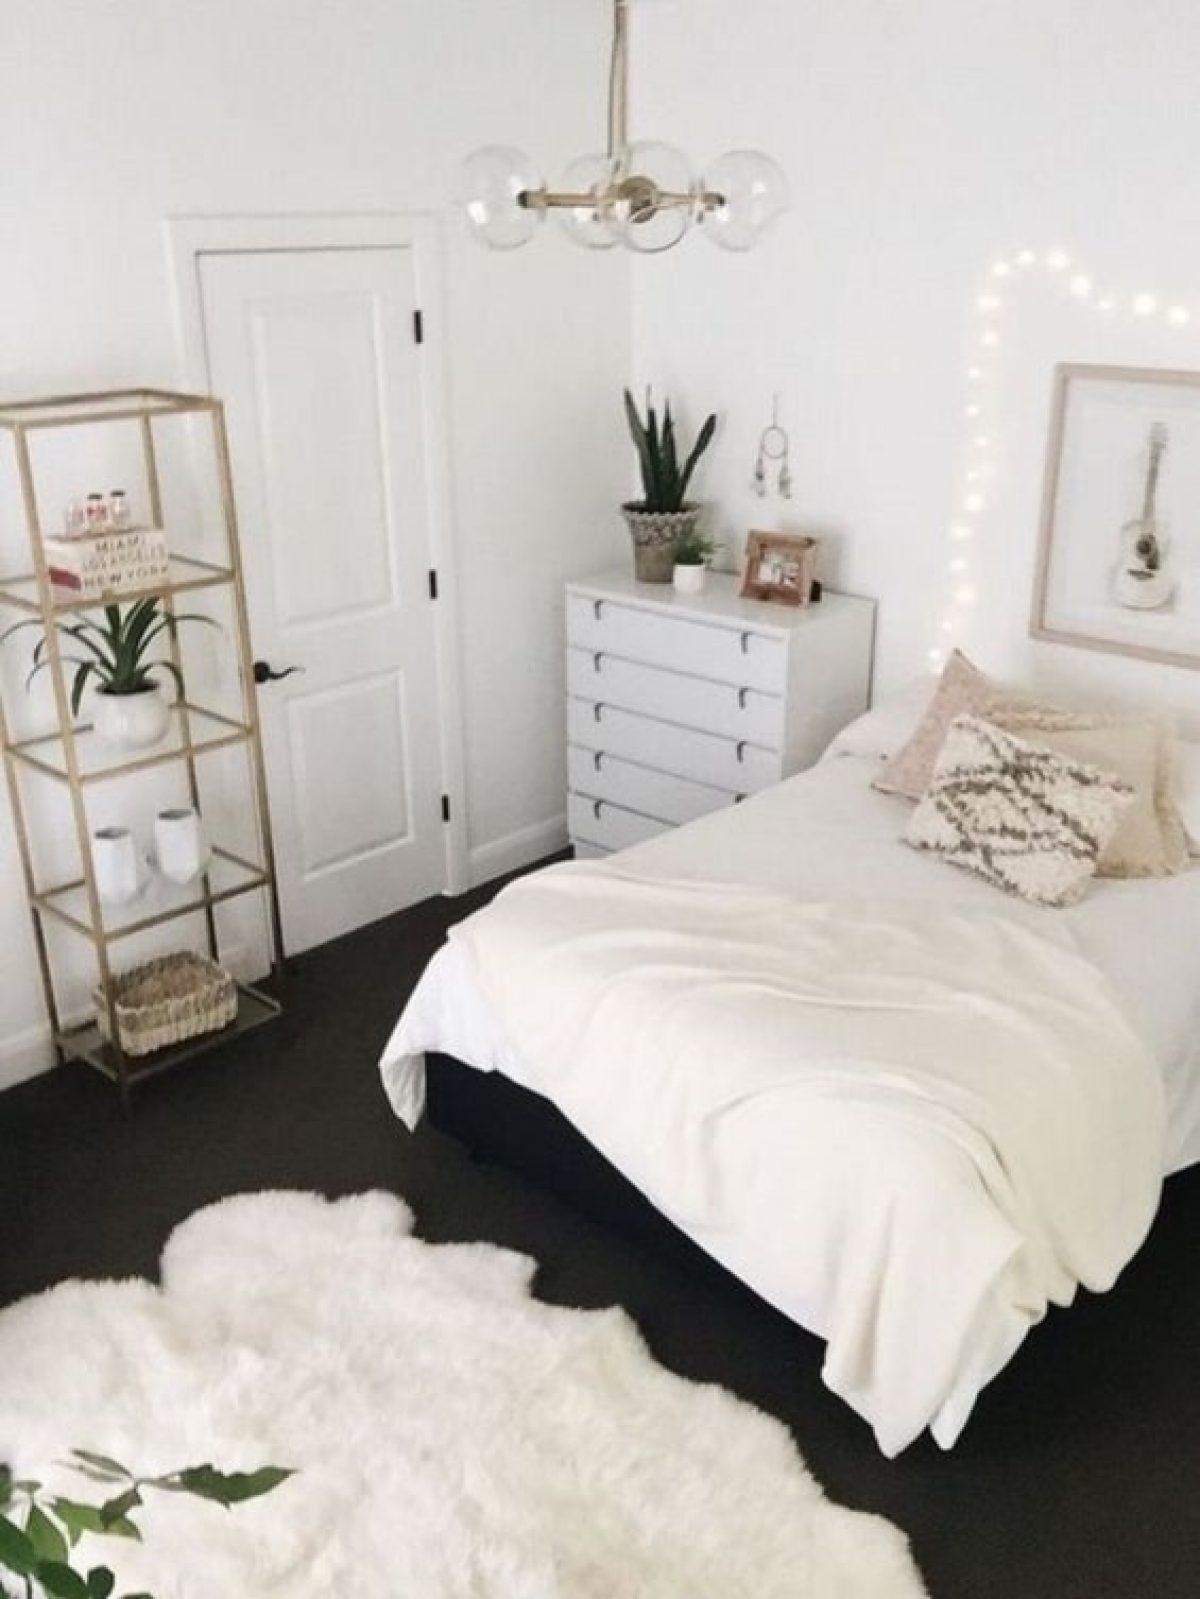 Desain Kamar Tidur Minimalis Modern yang Menarik